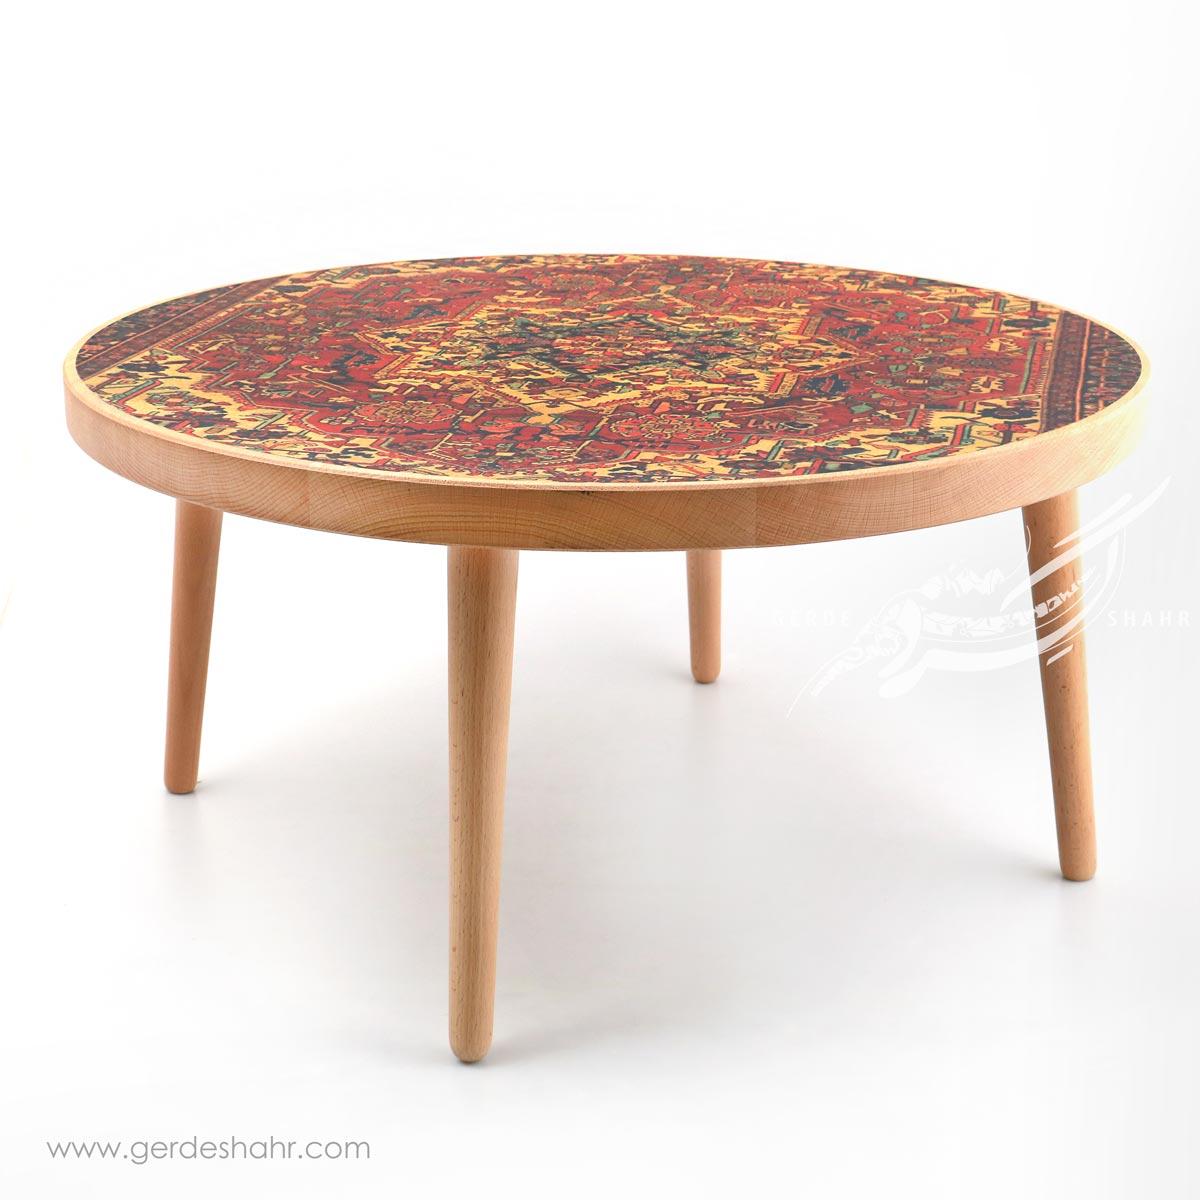 میز بزرگ رویای بهشت هریس کارمان محصولات